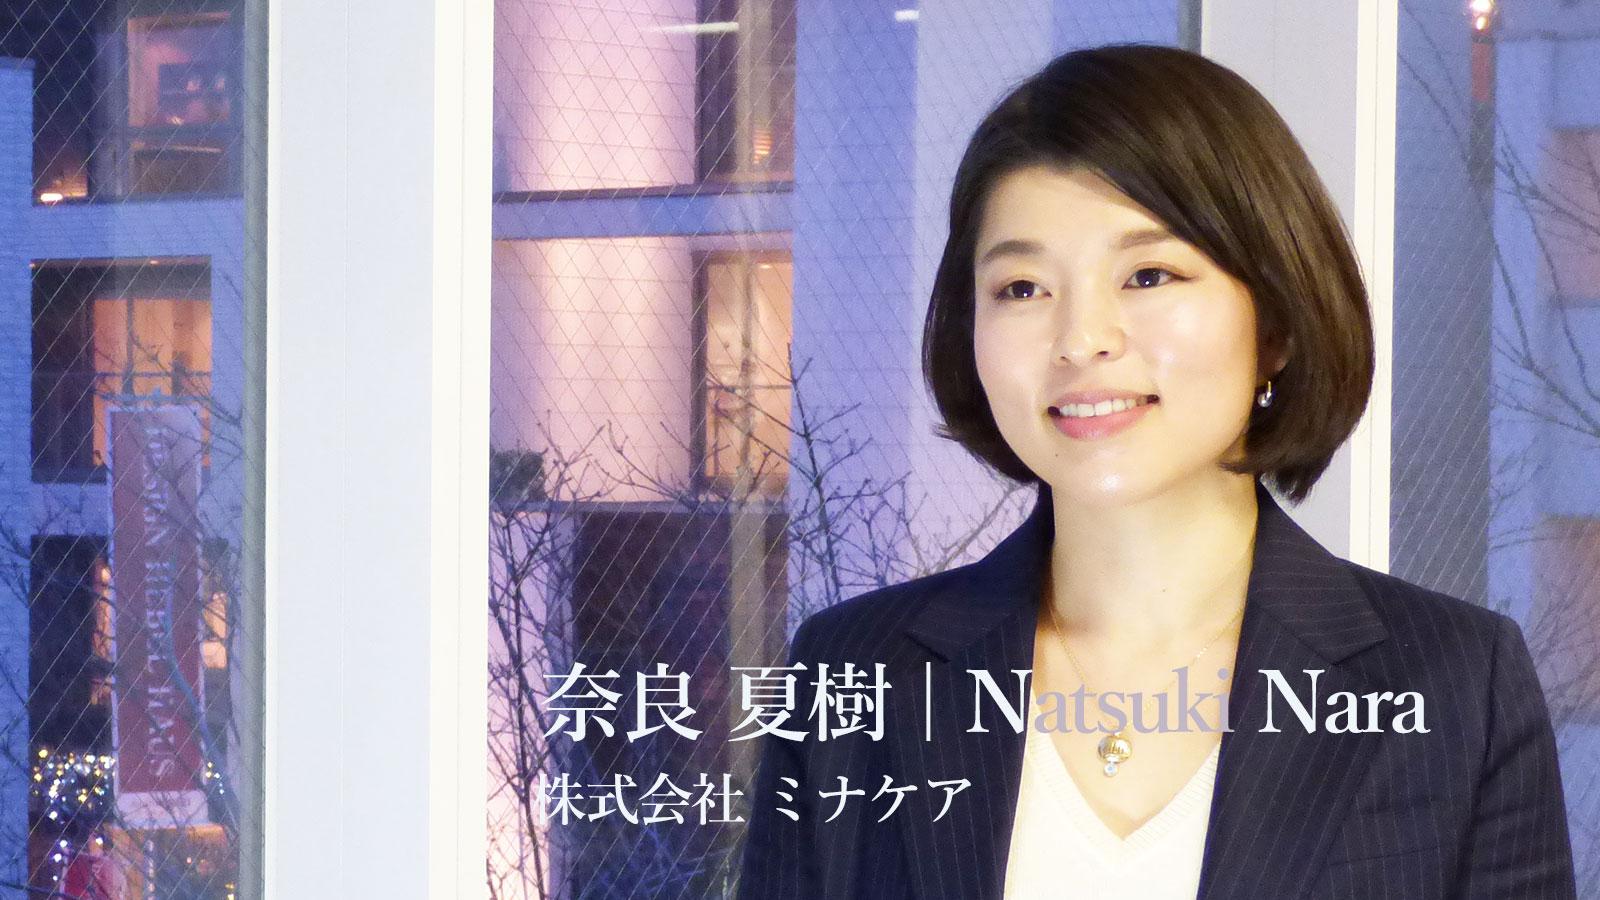 奈良夏樹先生『ビッグデータを活用して国民の健康に貢献する』